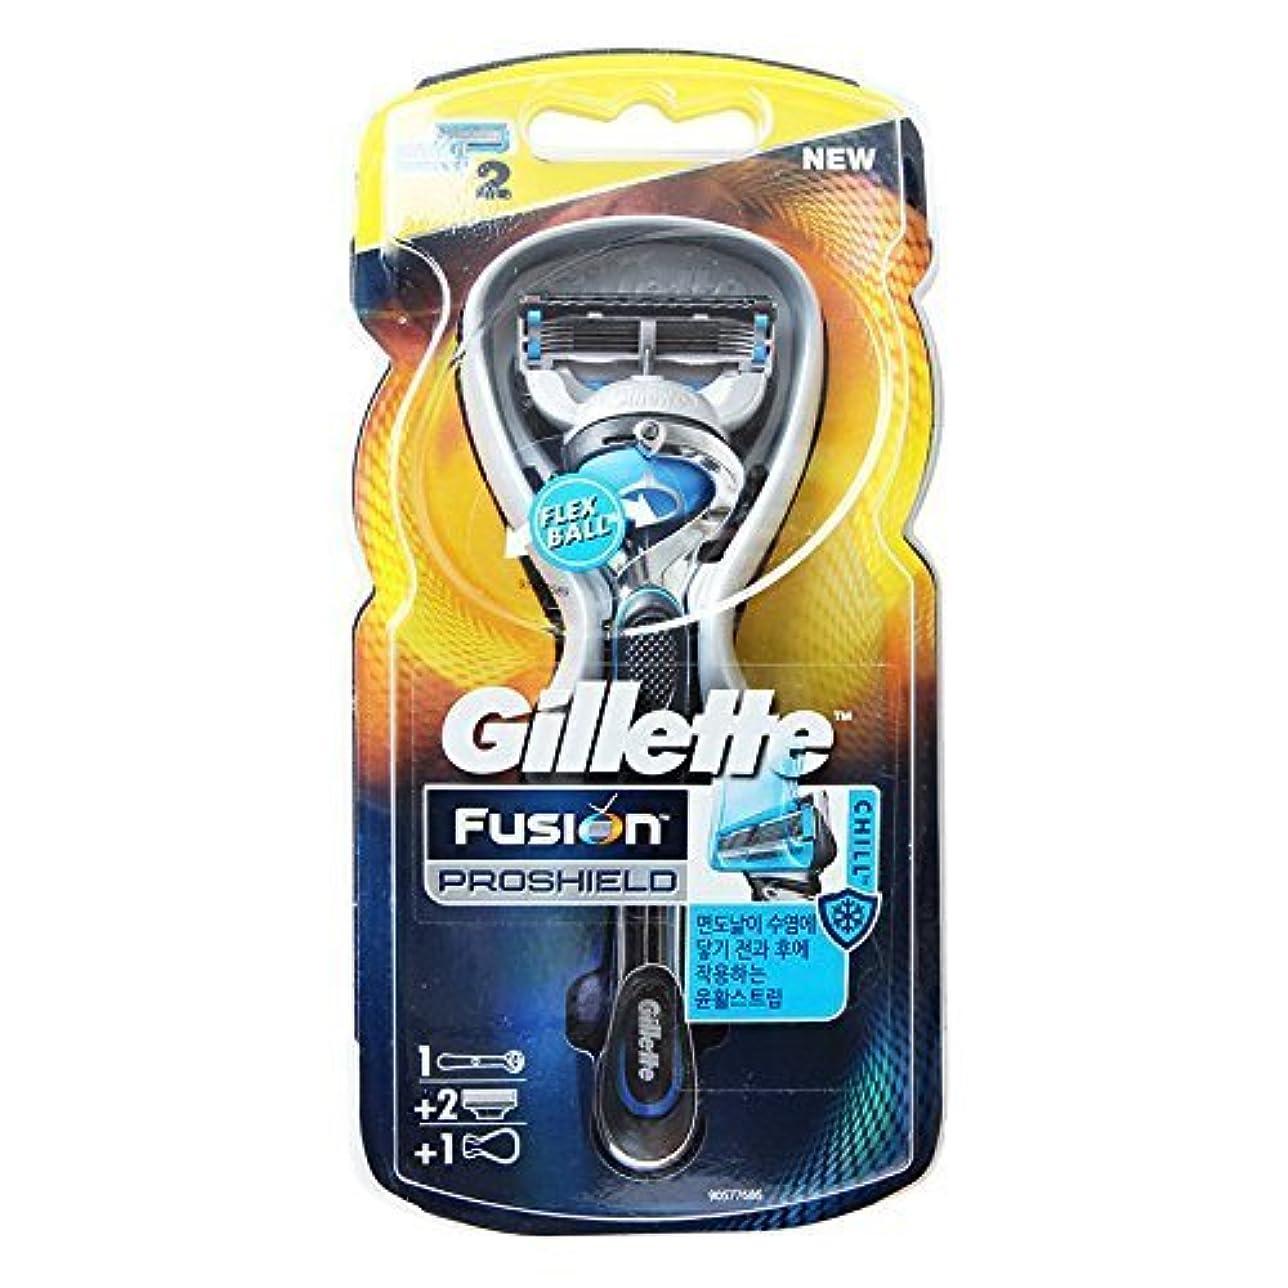 頭乱暴なおかしいGillette Fusion Proshield Chill Blue フレックスボールレザーブレードリフィル付きメンズカミソリ2カウント [並行輸入品]